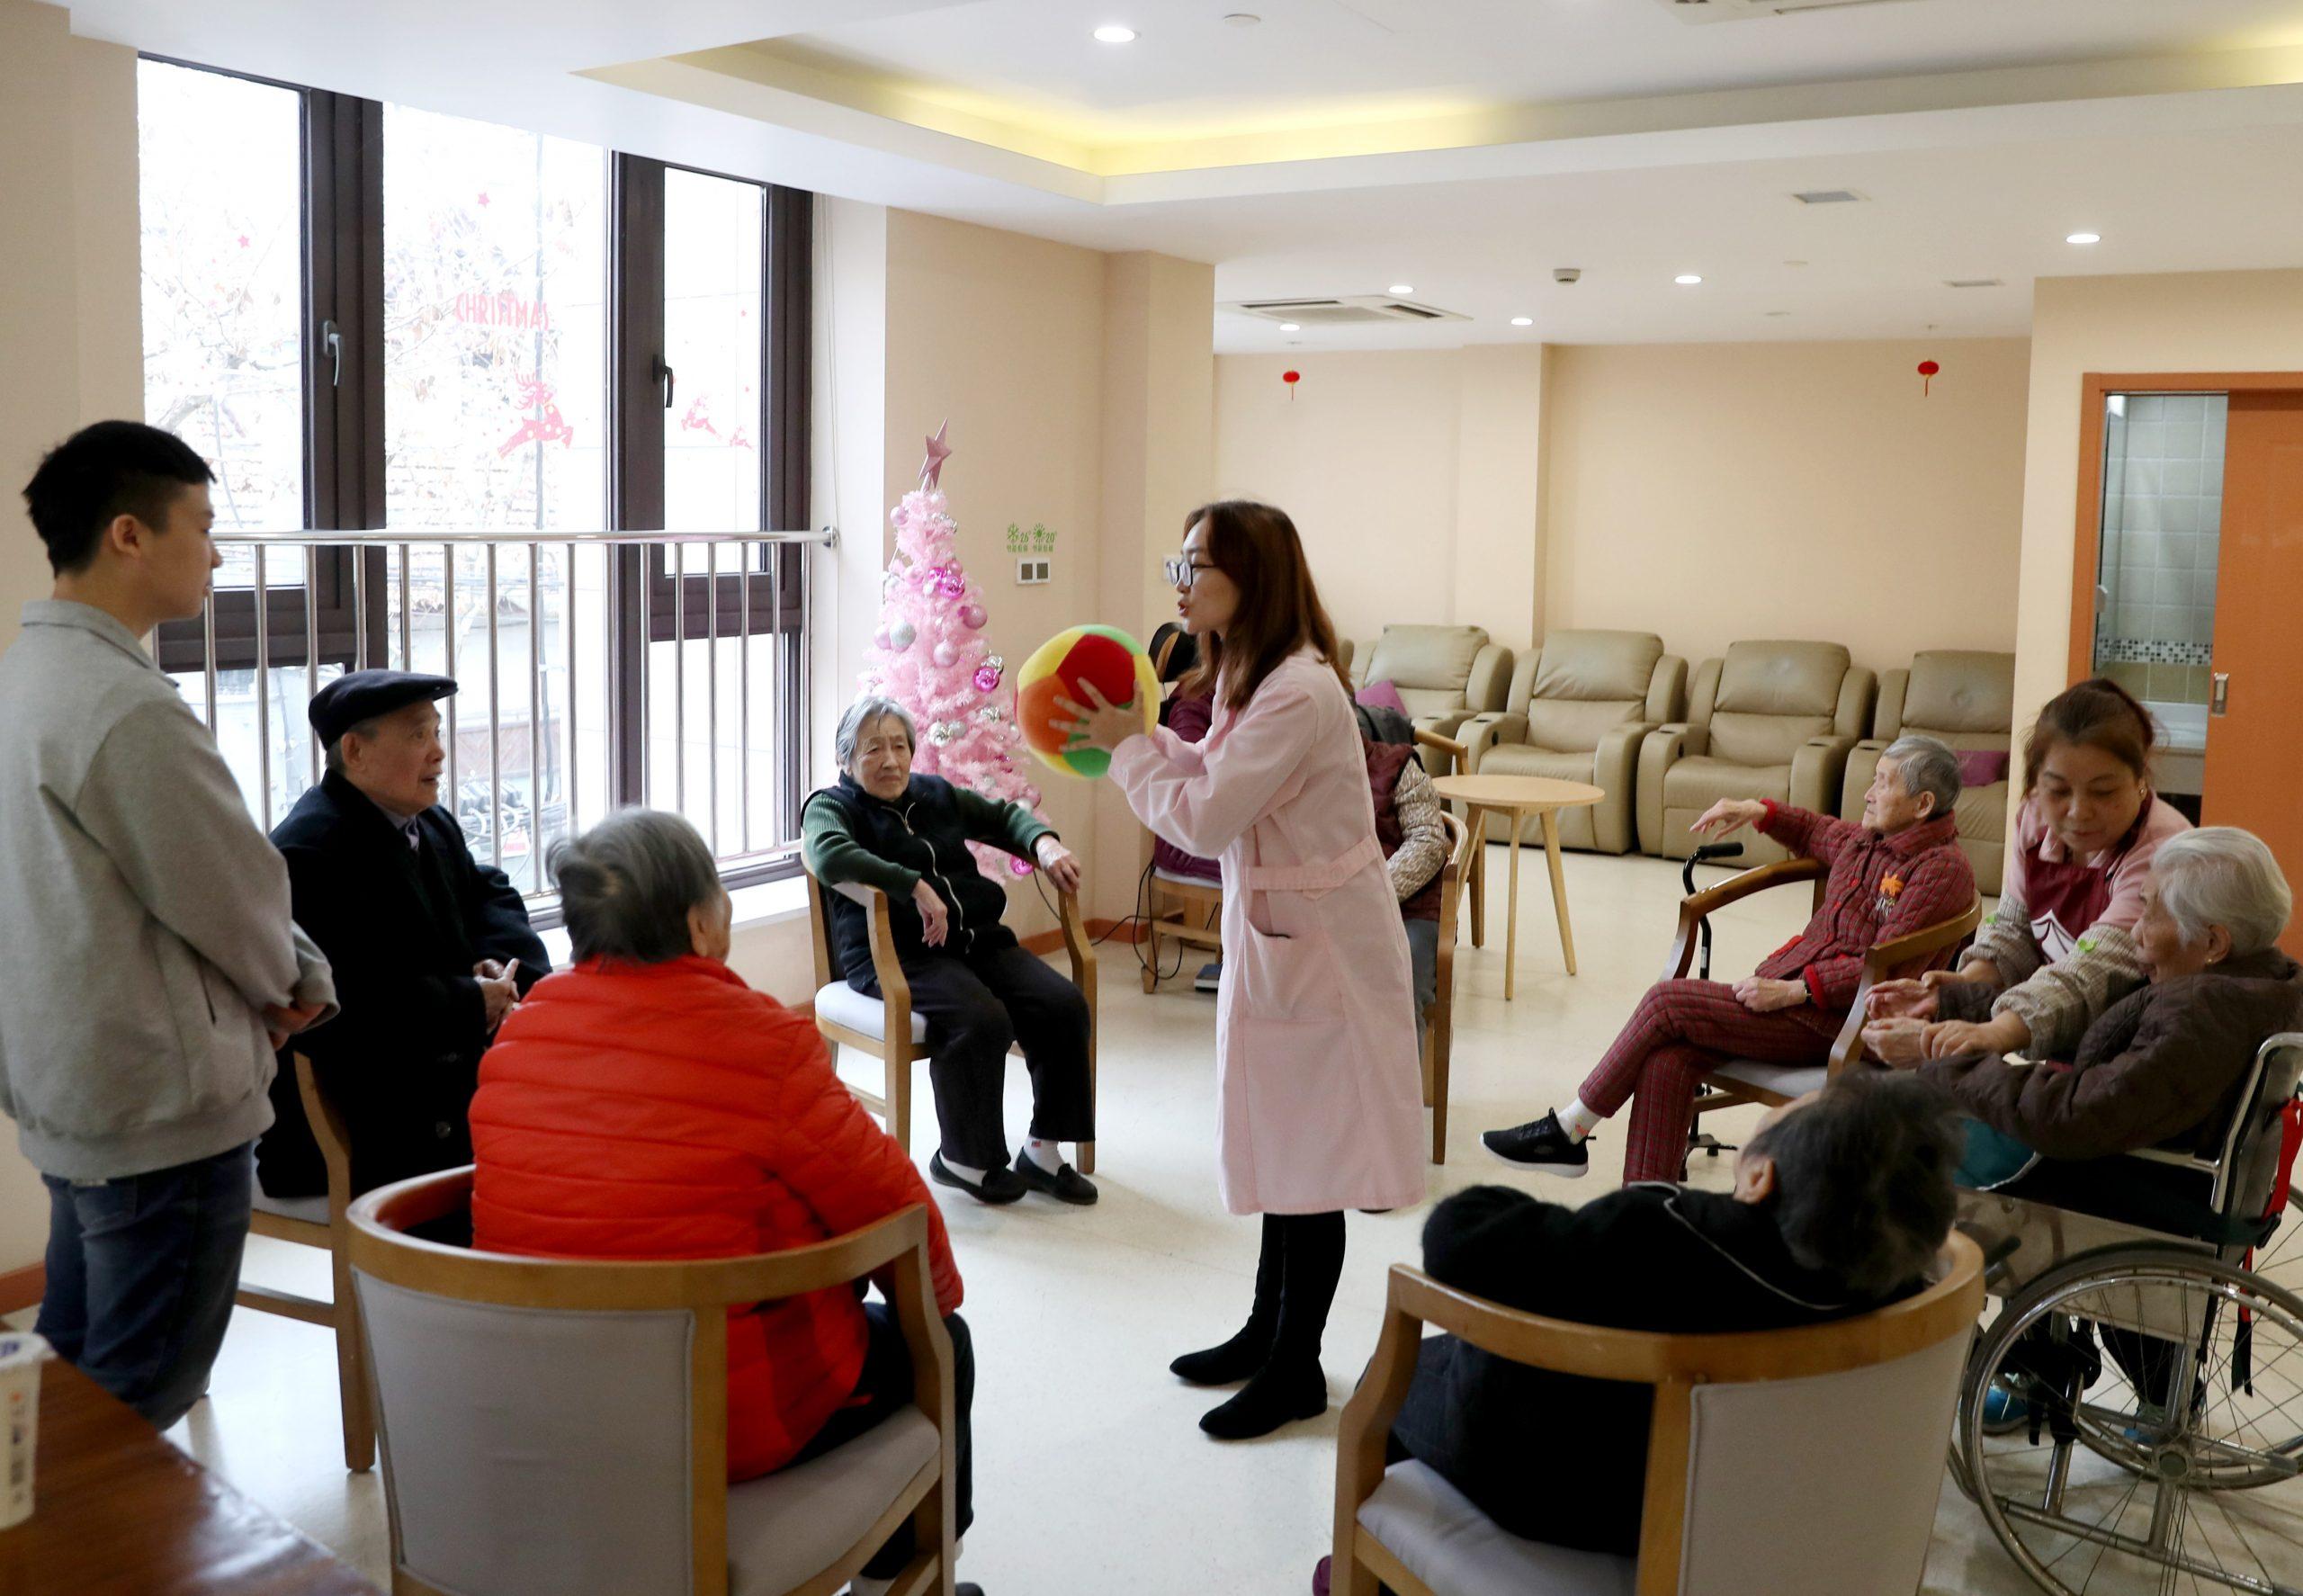 Instituciones para cuidado de ancianos en China permanecen libres de COVID-19: Funcionario